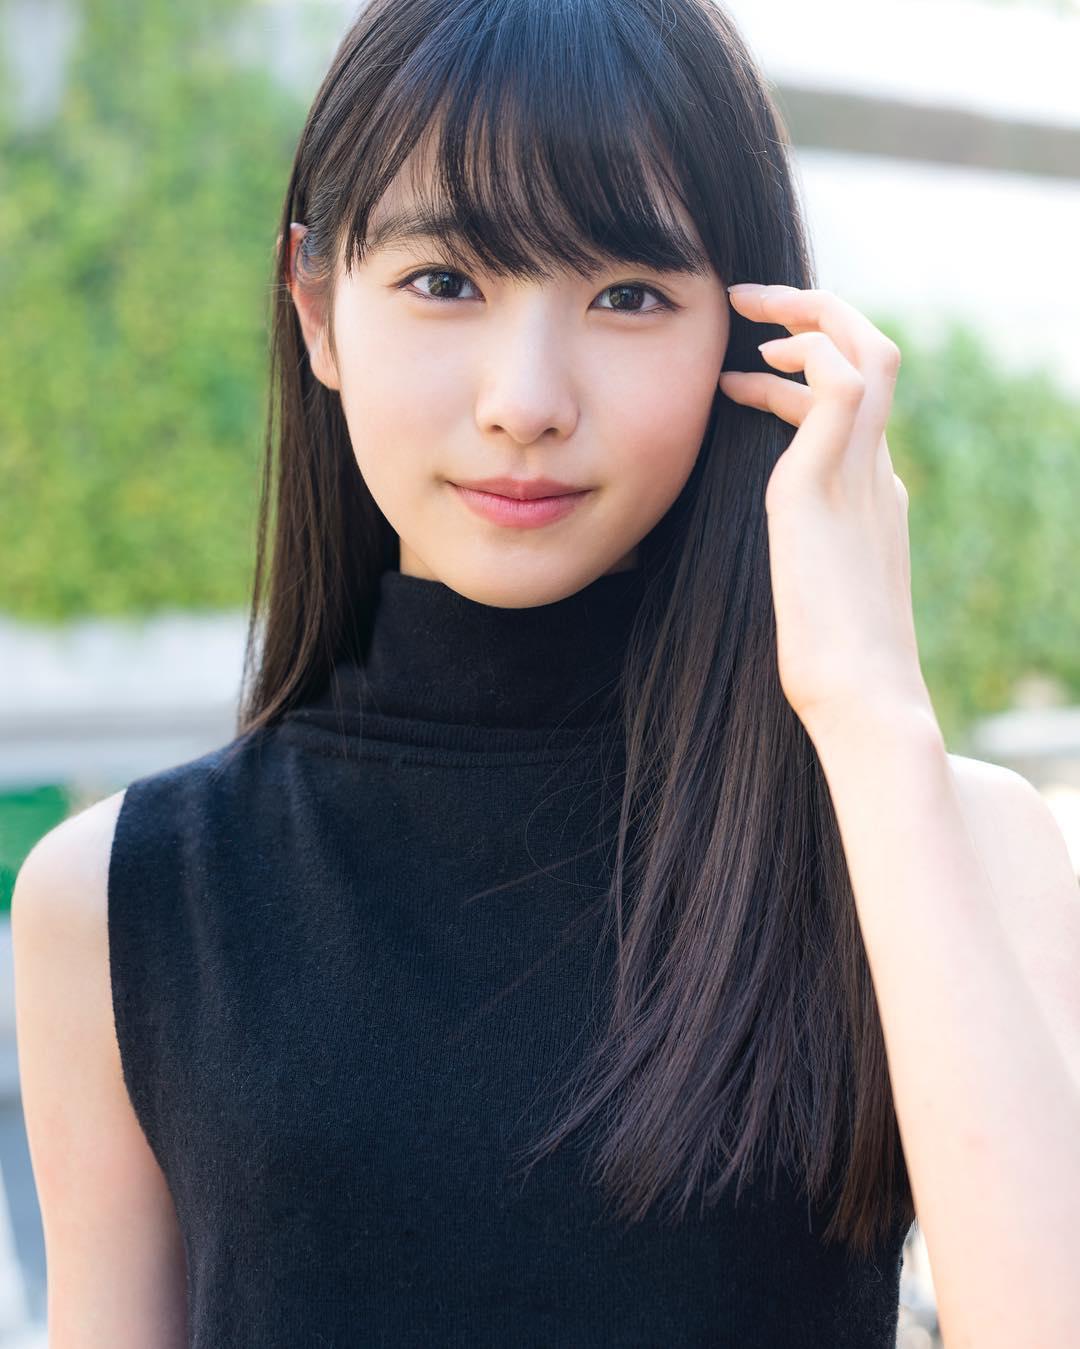 高橋ひかる(16)国民的美少女オスカー女優のグラビア画像56枚・55枚目の画像